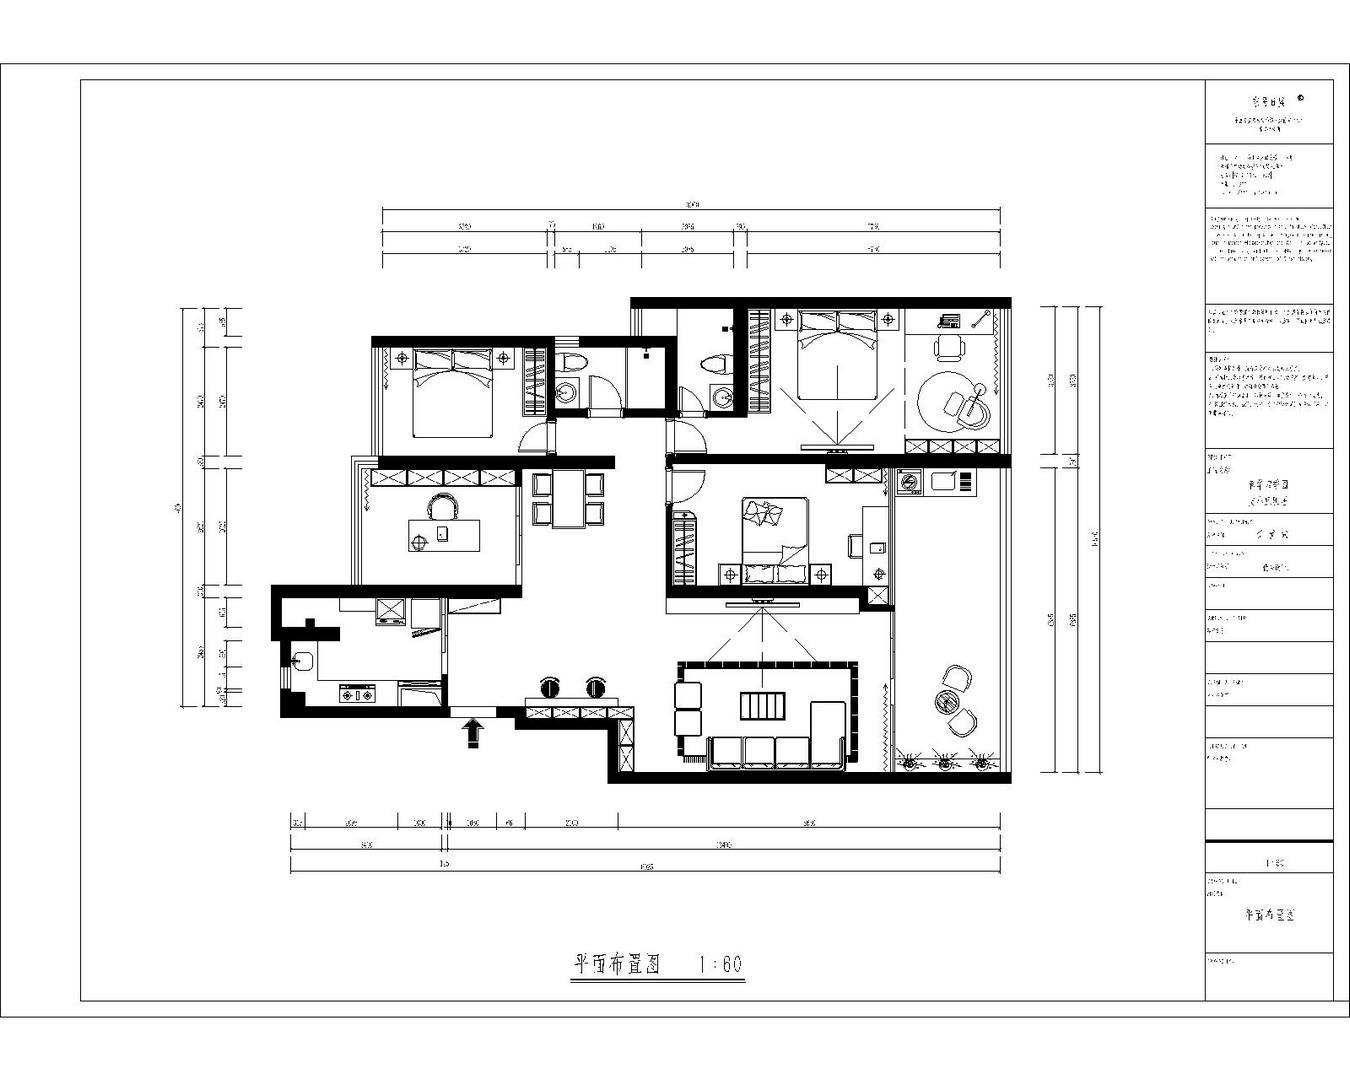 春华四季园-134平米装修-现代简约风格设计案例装修设计理念